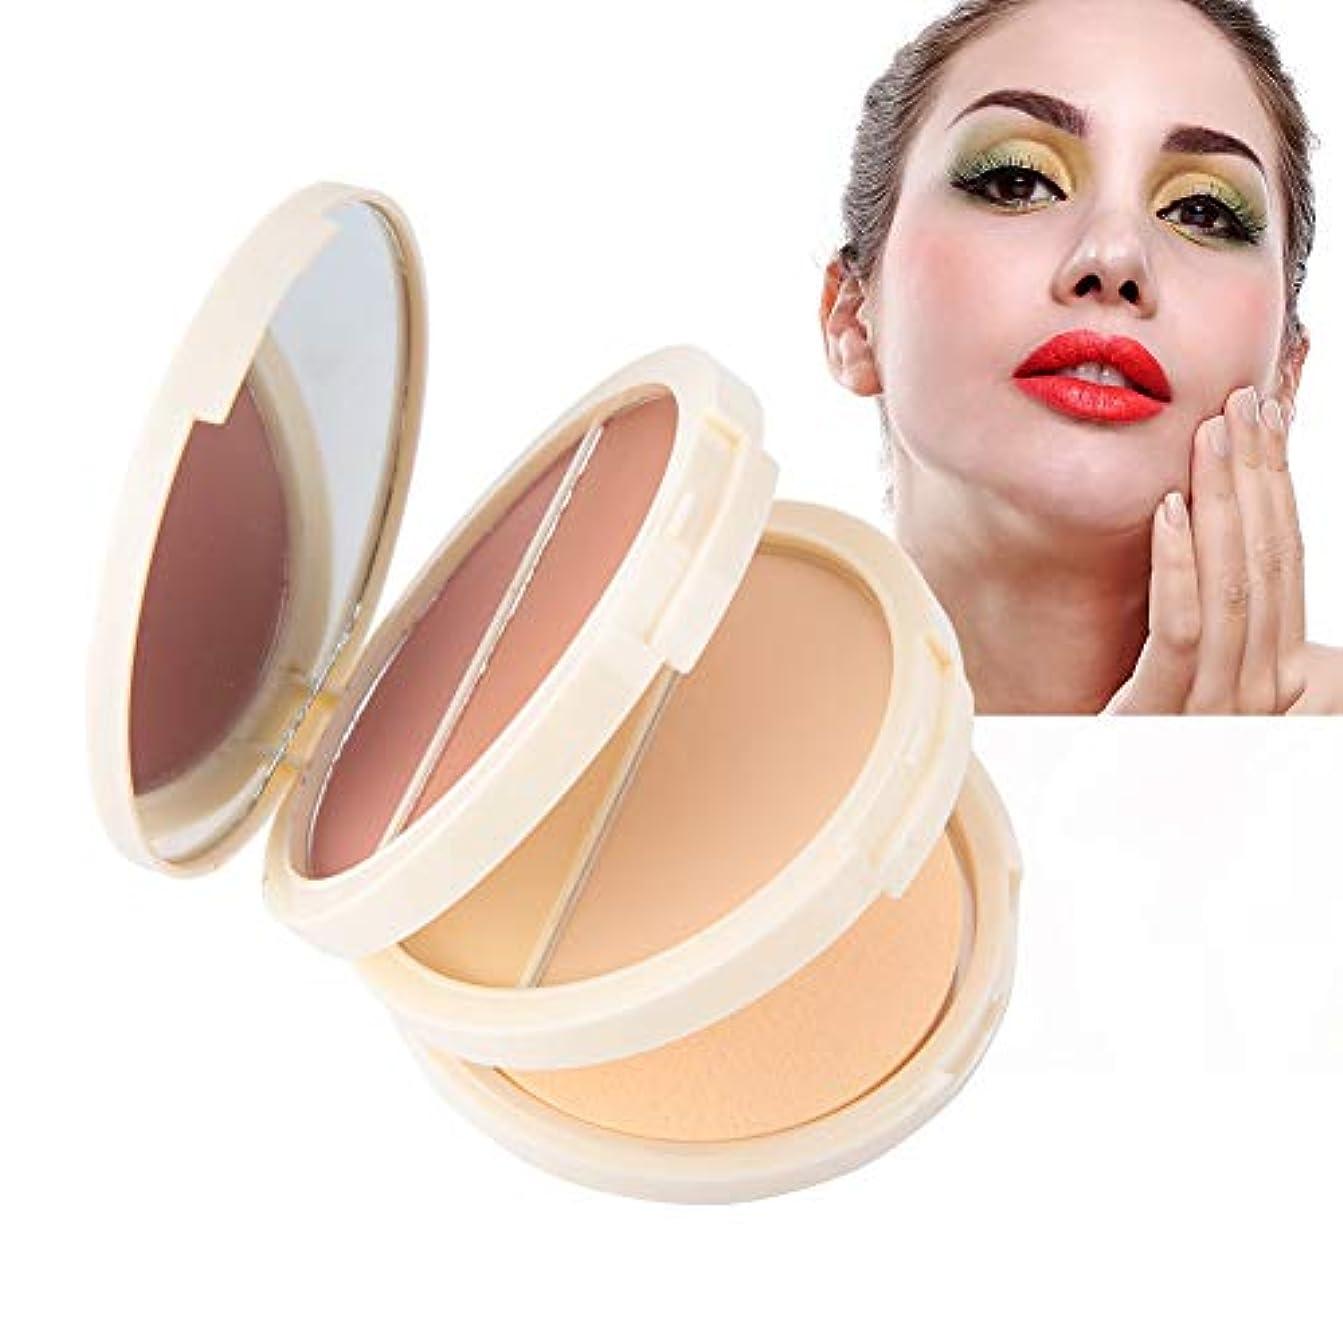 数学的な工業用結婚化粧品、オイル管理および防水および長続きがする効果のための1つのコンシーラーの粉の赤面粉に付き3つ